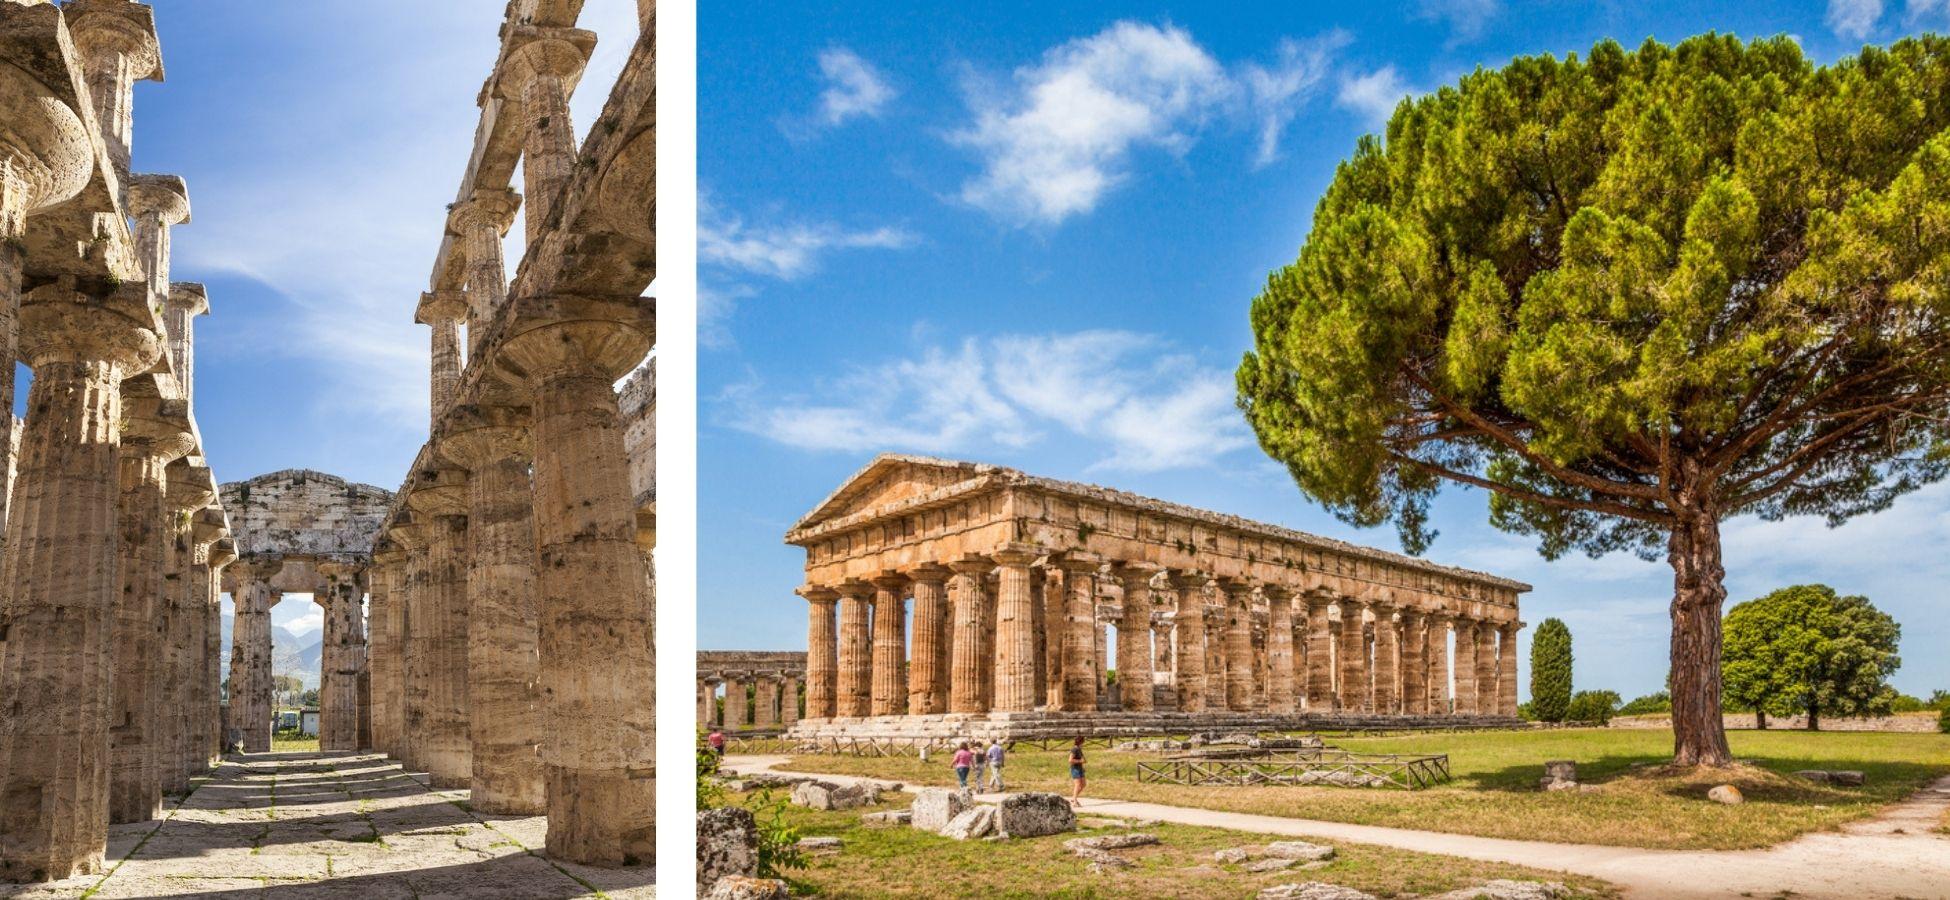 Paestum - sites archéologiques italie